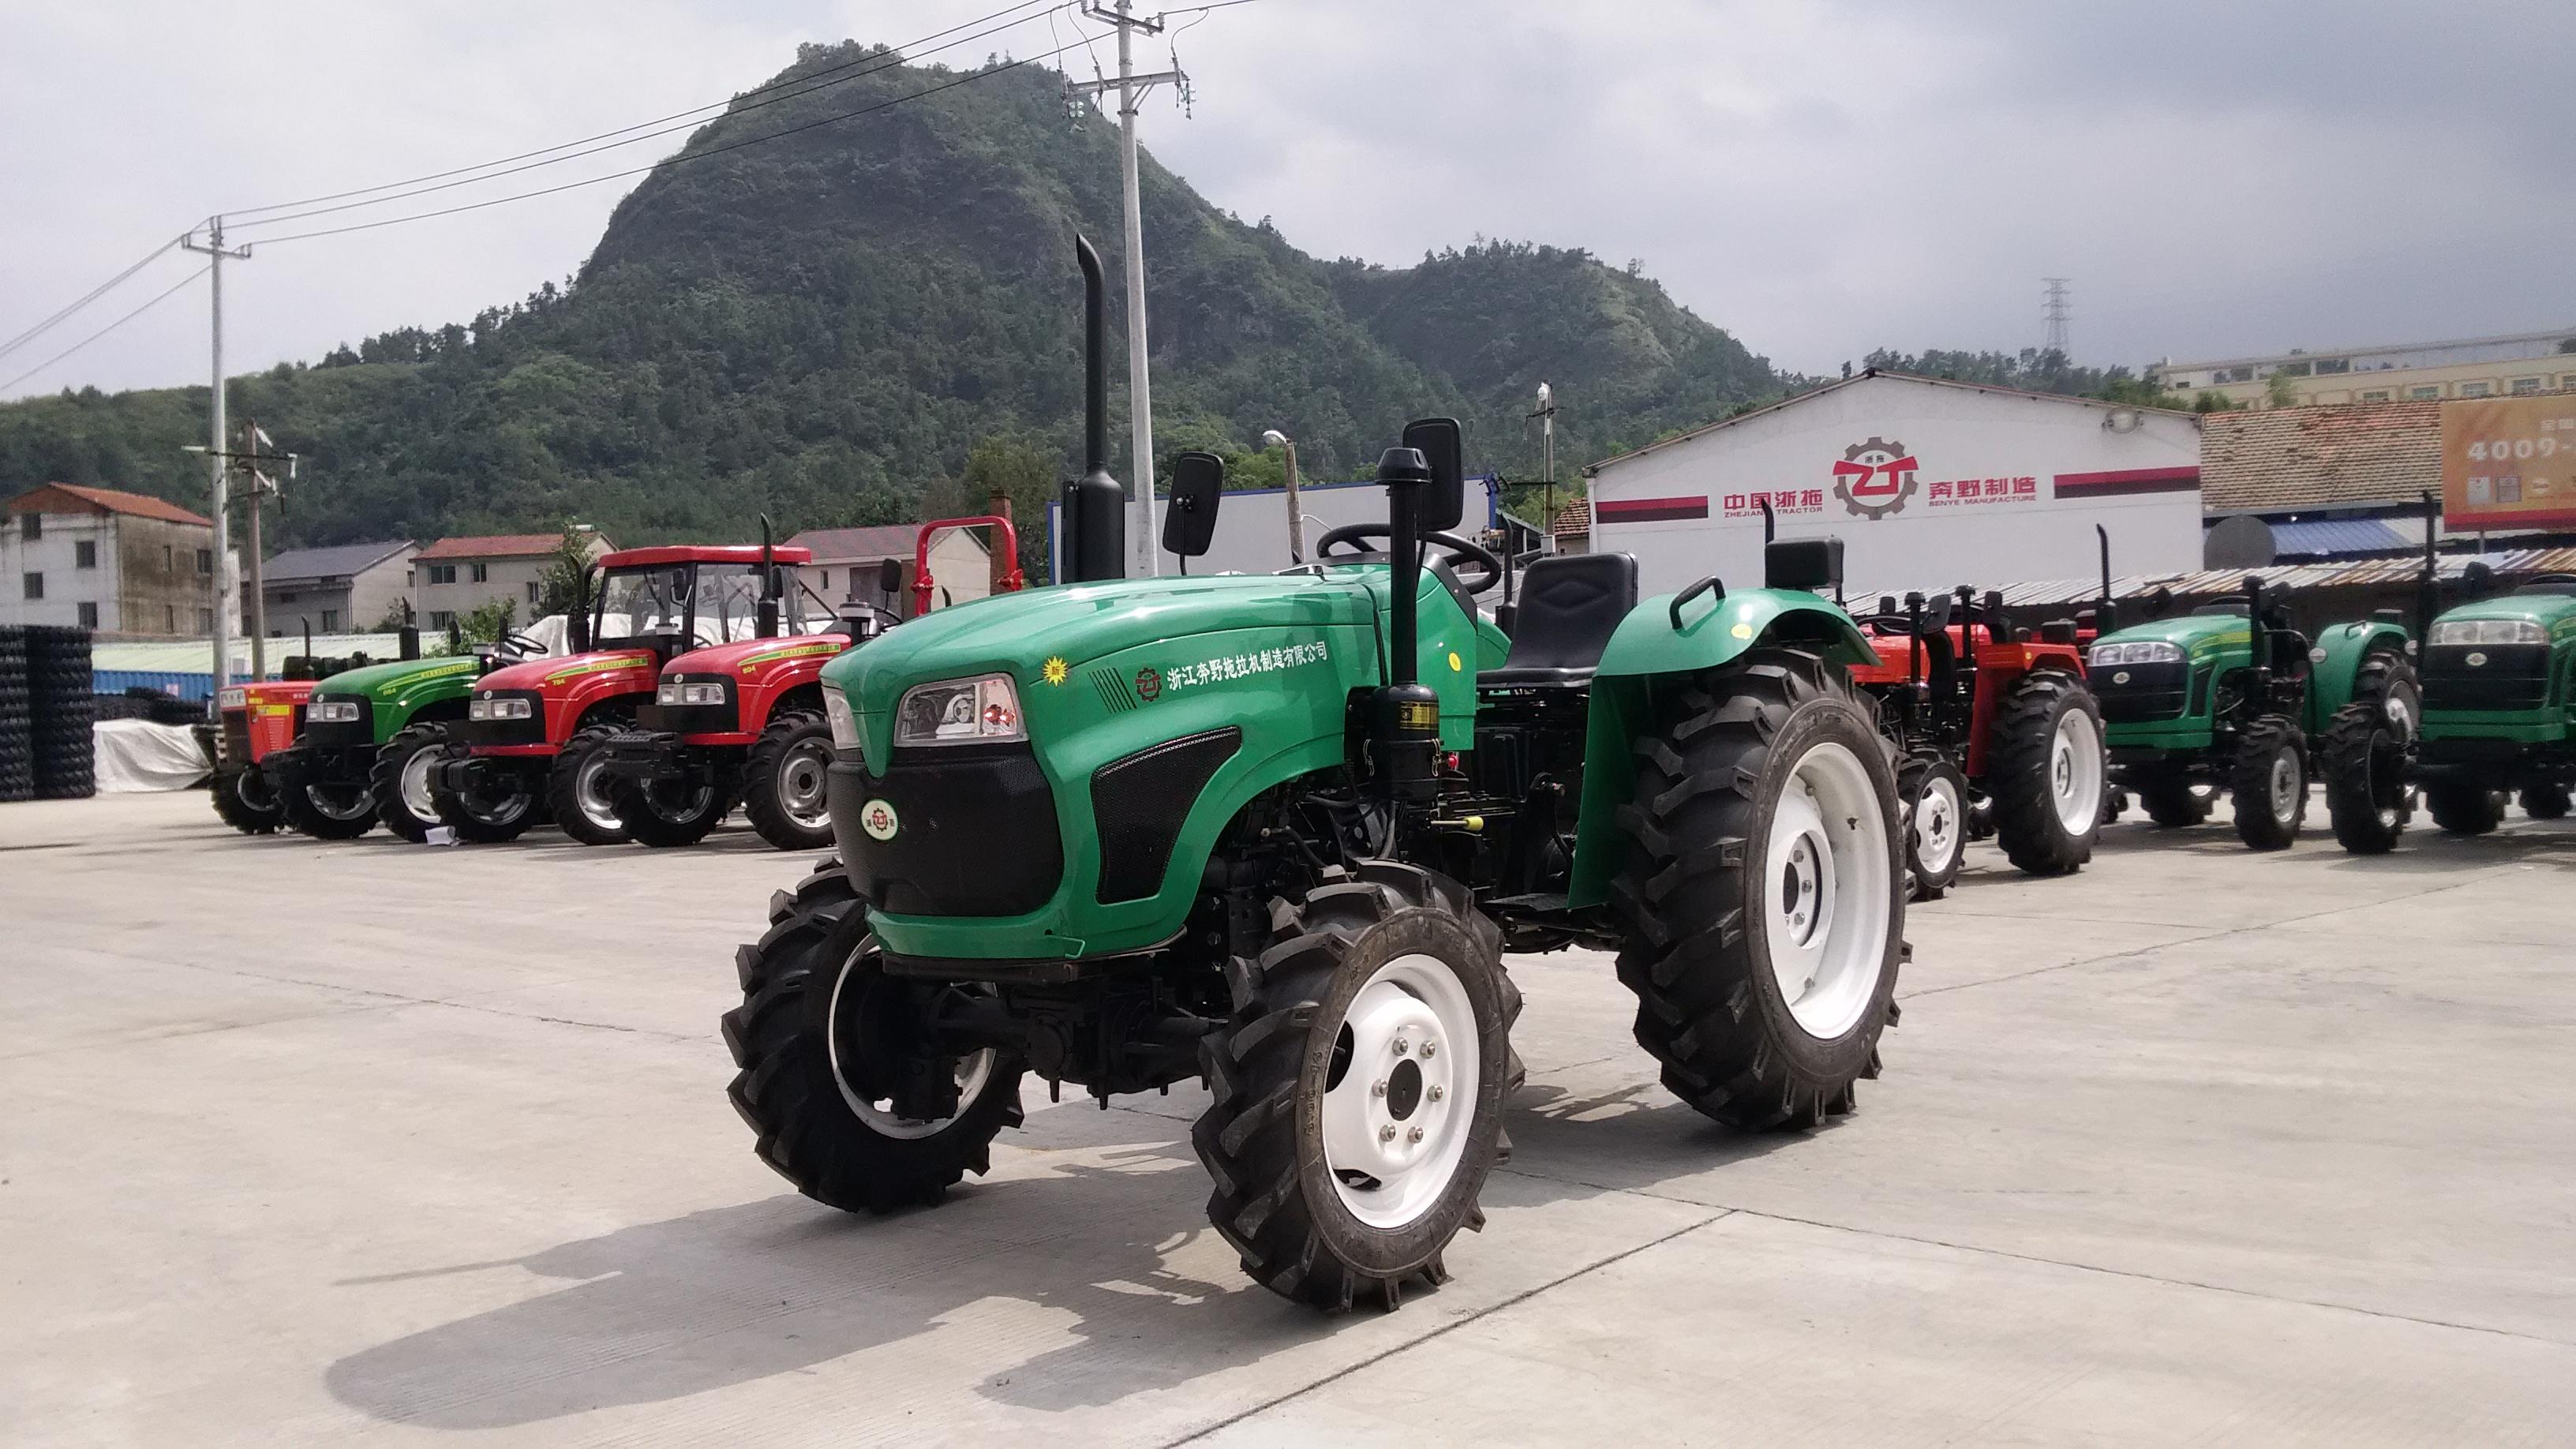 浙拖奔野zt354轮式农用拖拉机